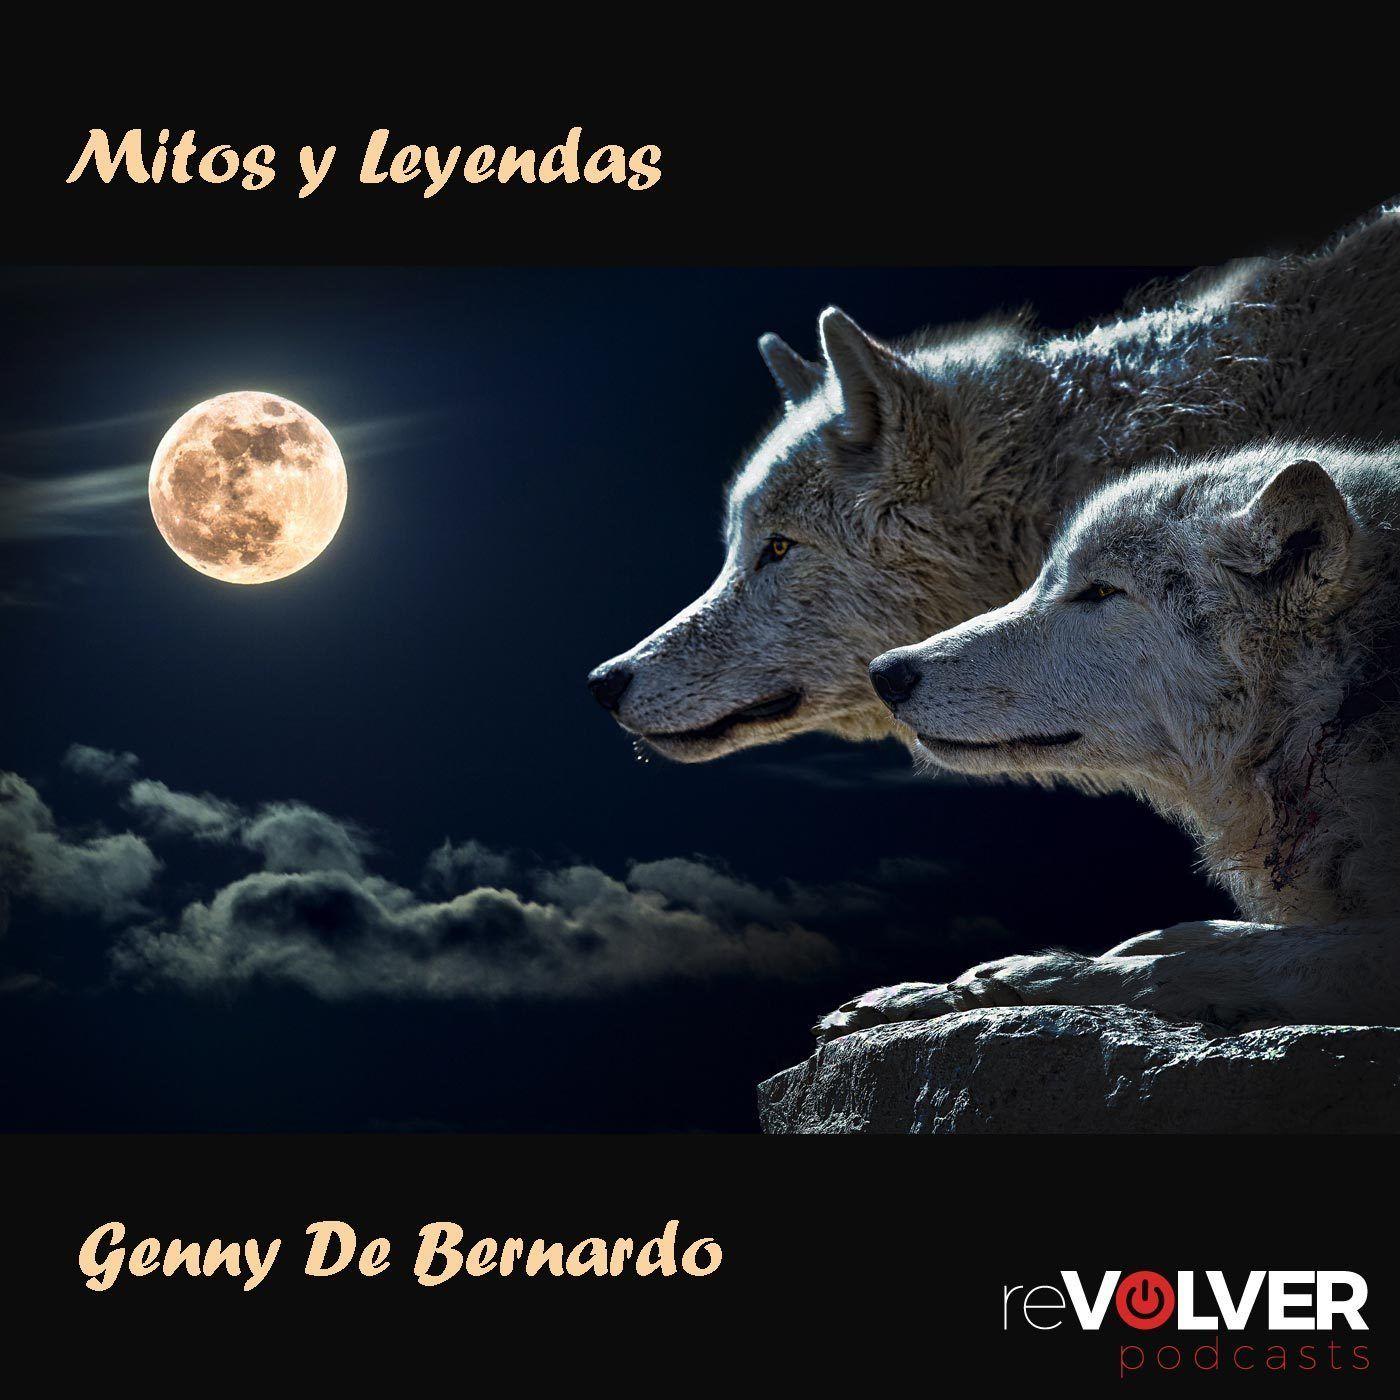 Episode 161 - Mitos y Leyendas – Leyendas chilenas